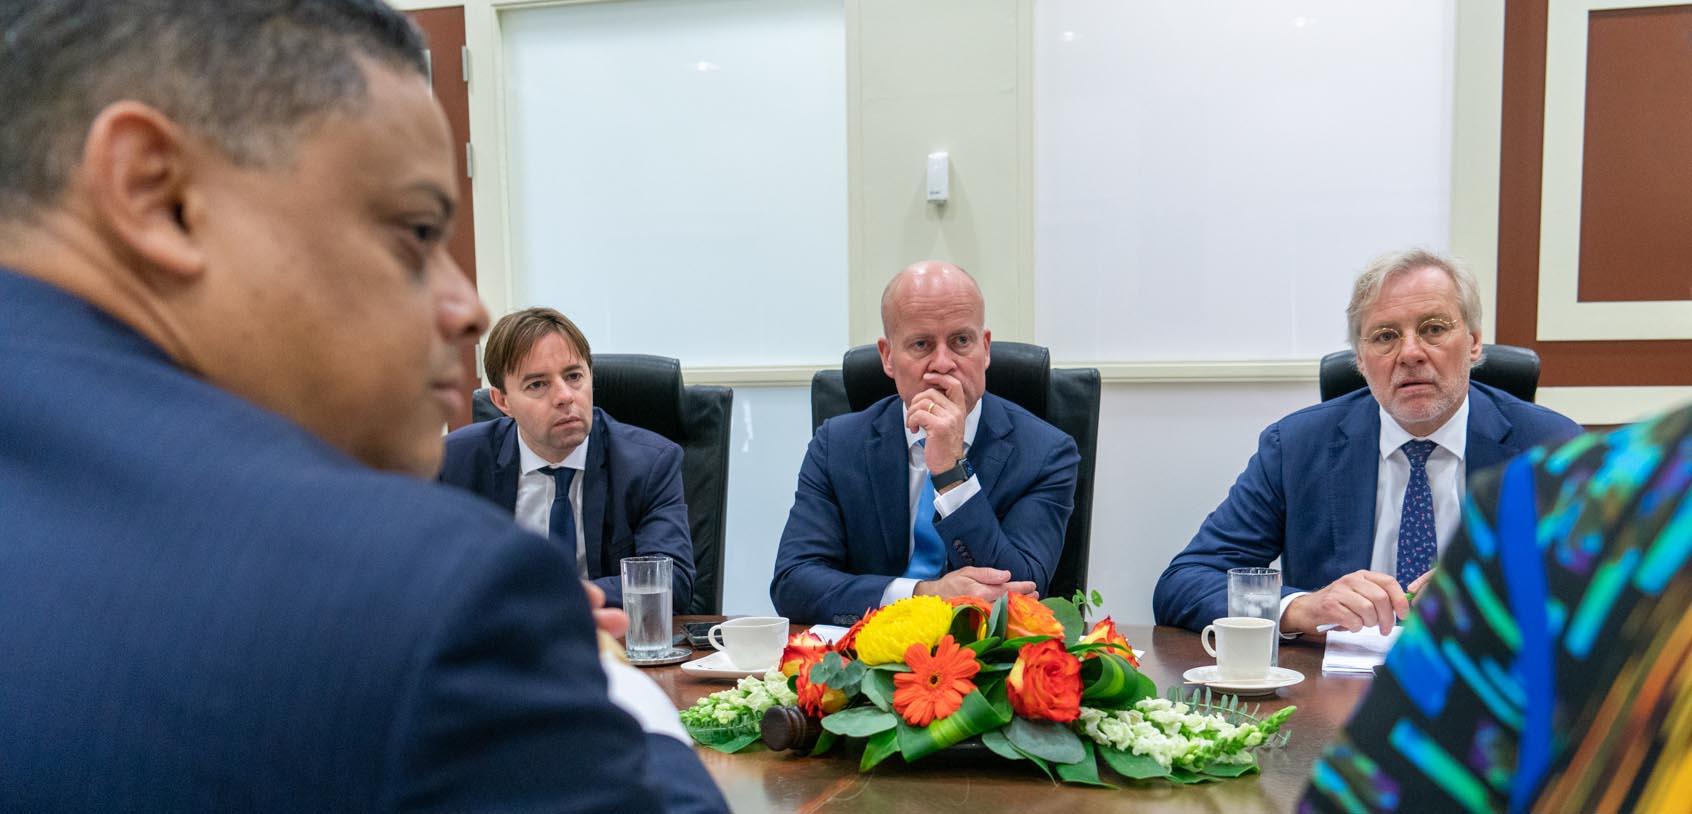 Den Haag geeft opnieuw aanwijzing aan Curaçao: 'Coalitie is deel van het probleem' - Curacao.nu